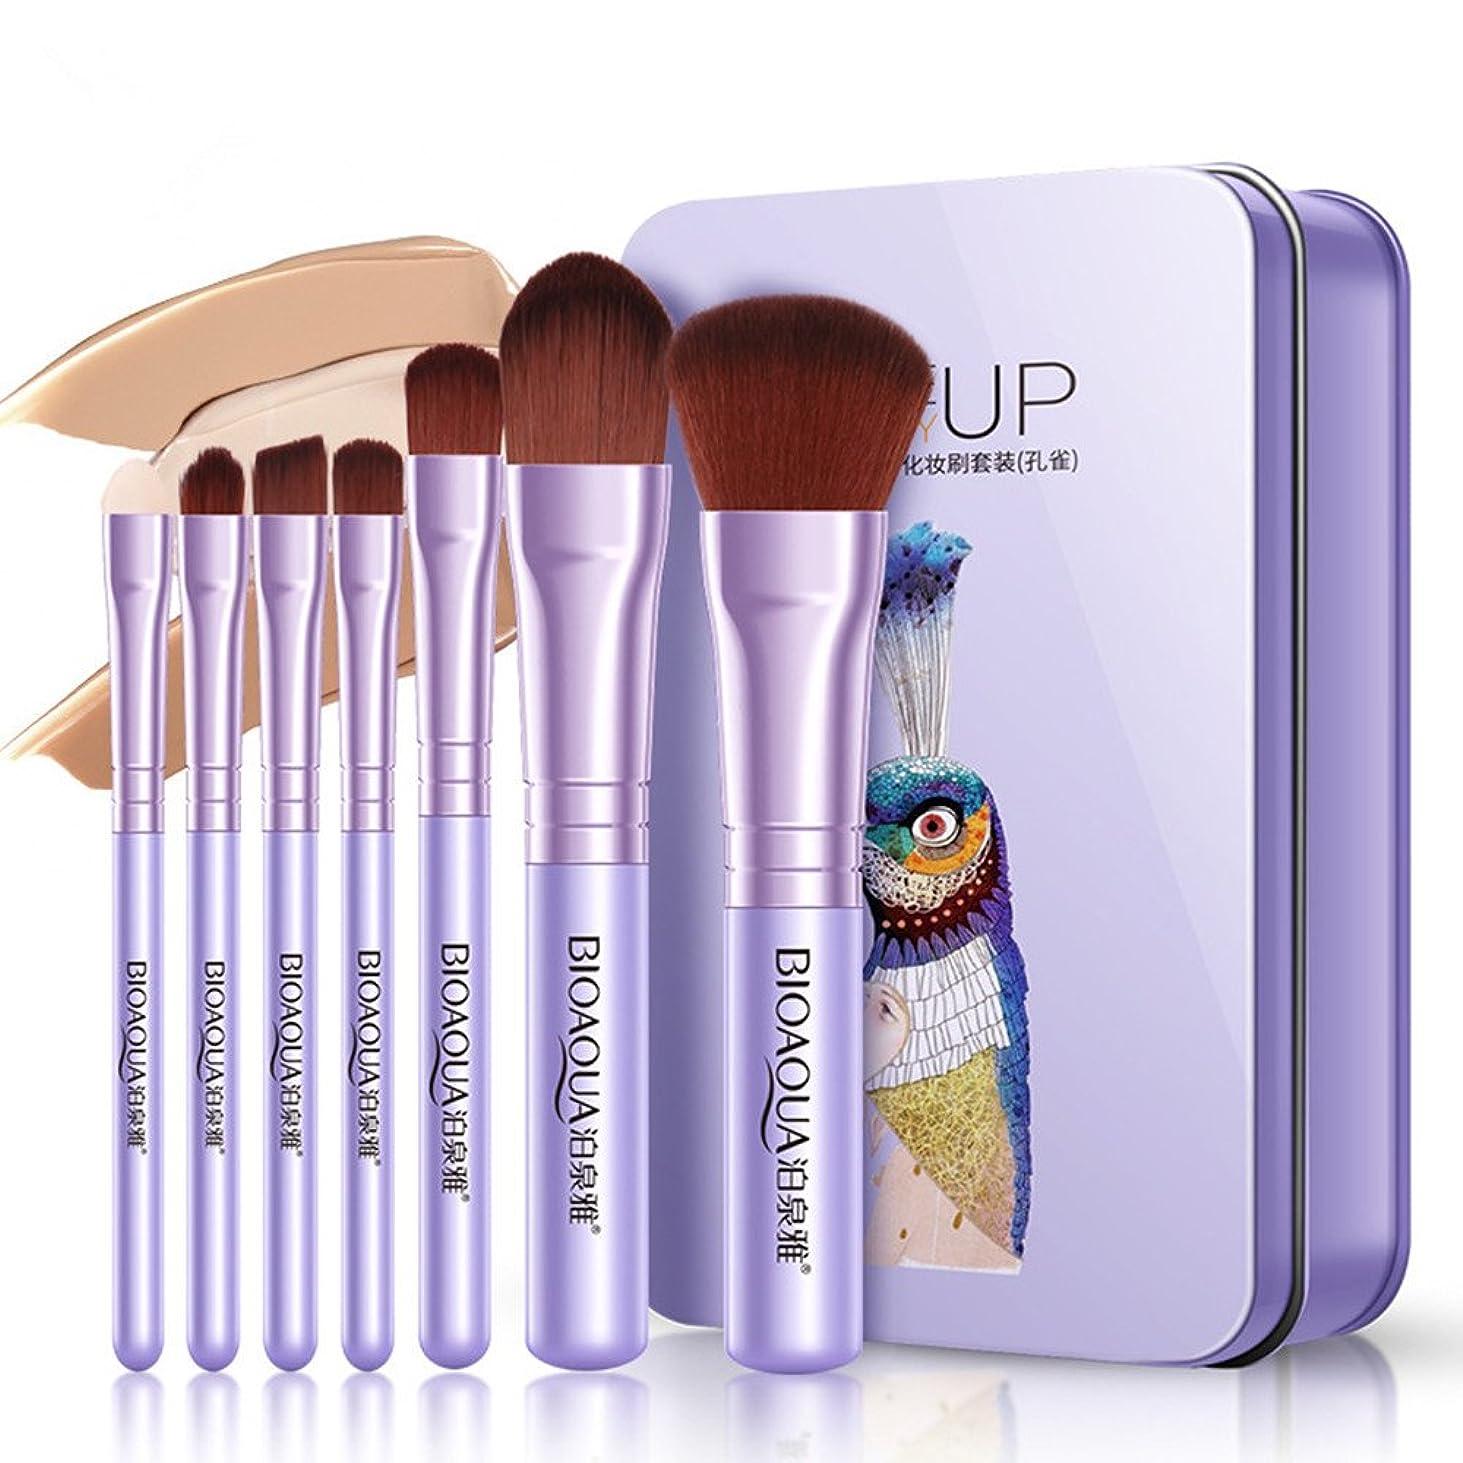 家事熱狂的な手つかずの7本 化粧筆 メイクブラシセット 化粧ブラシ セット コスメ ブラシ 収納ケース付き (ピーコック)